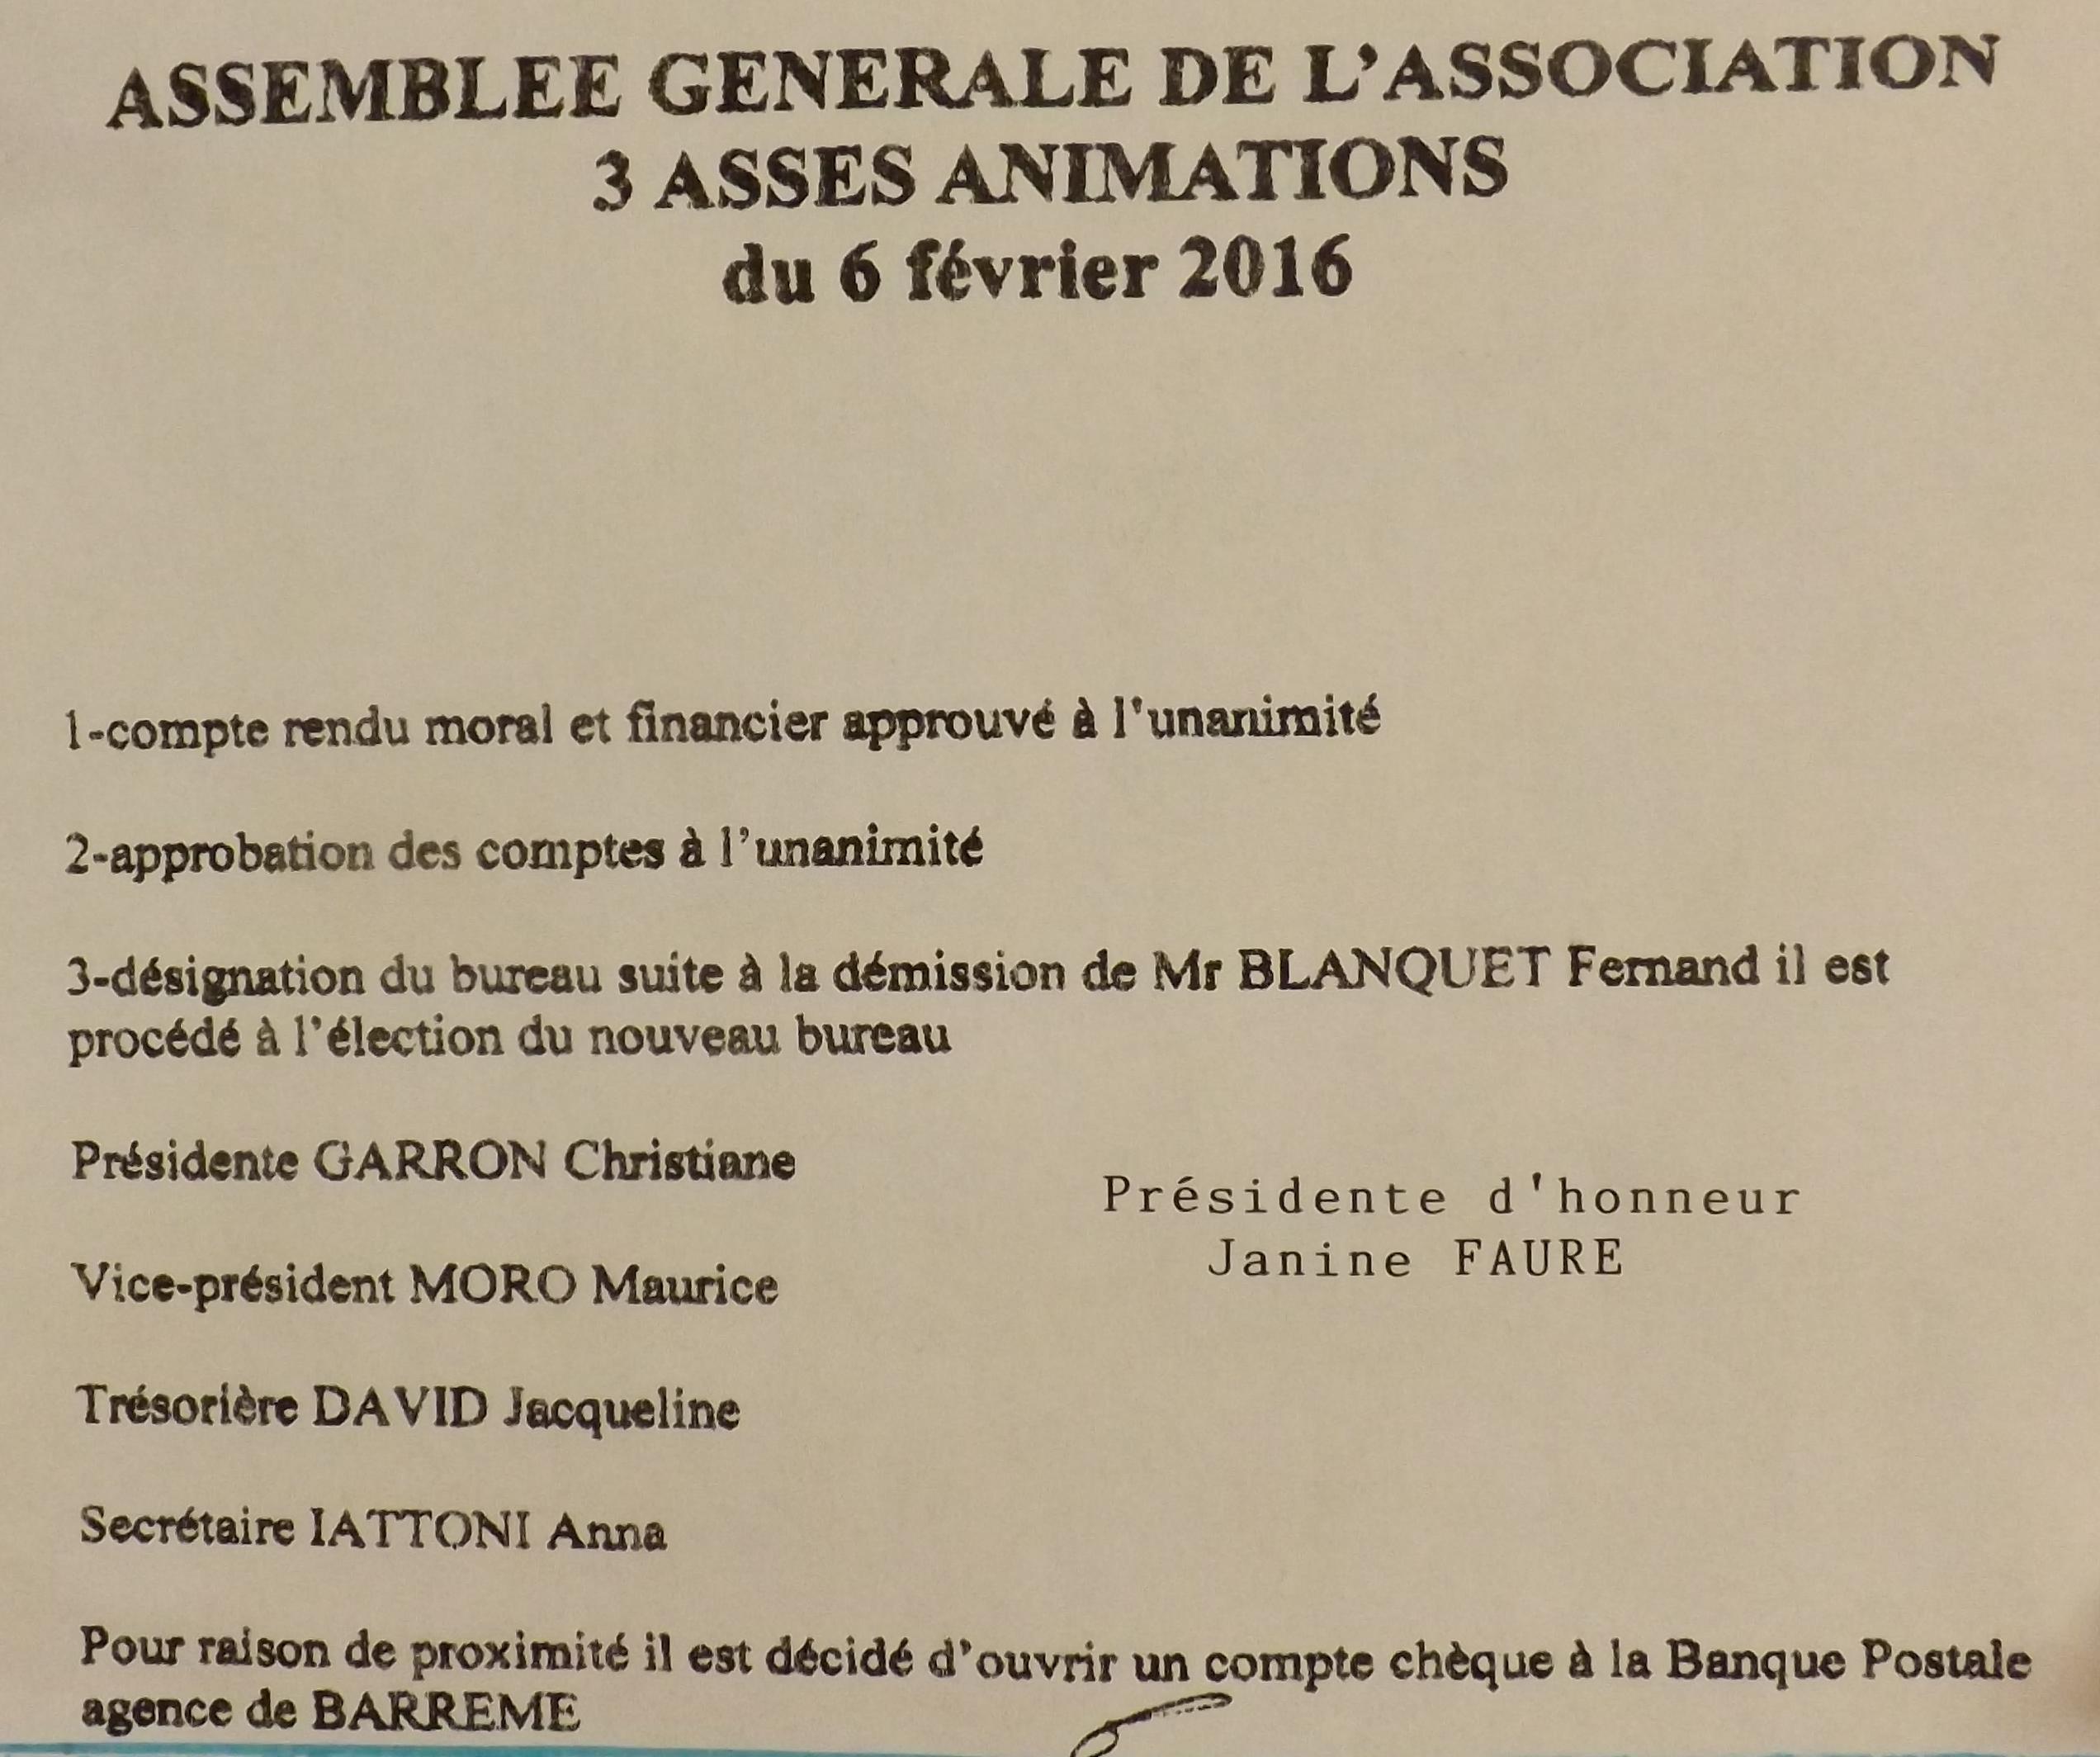 http://www.barreme.fr/mediatheque/DSCF1783.jpg